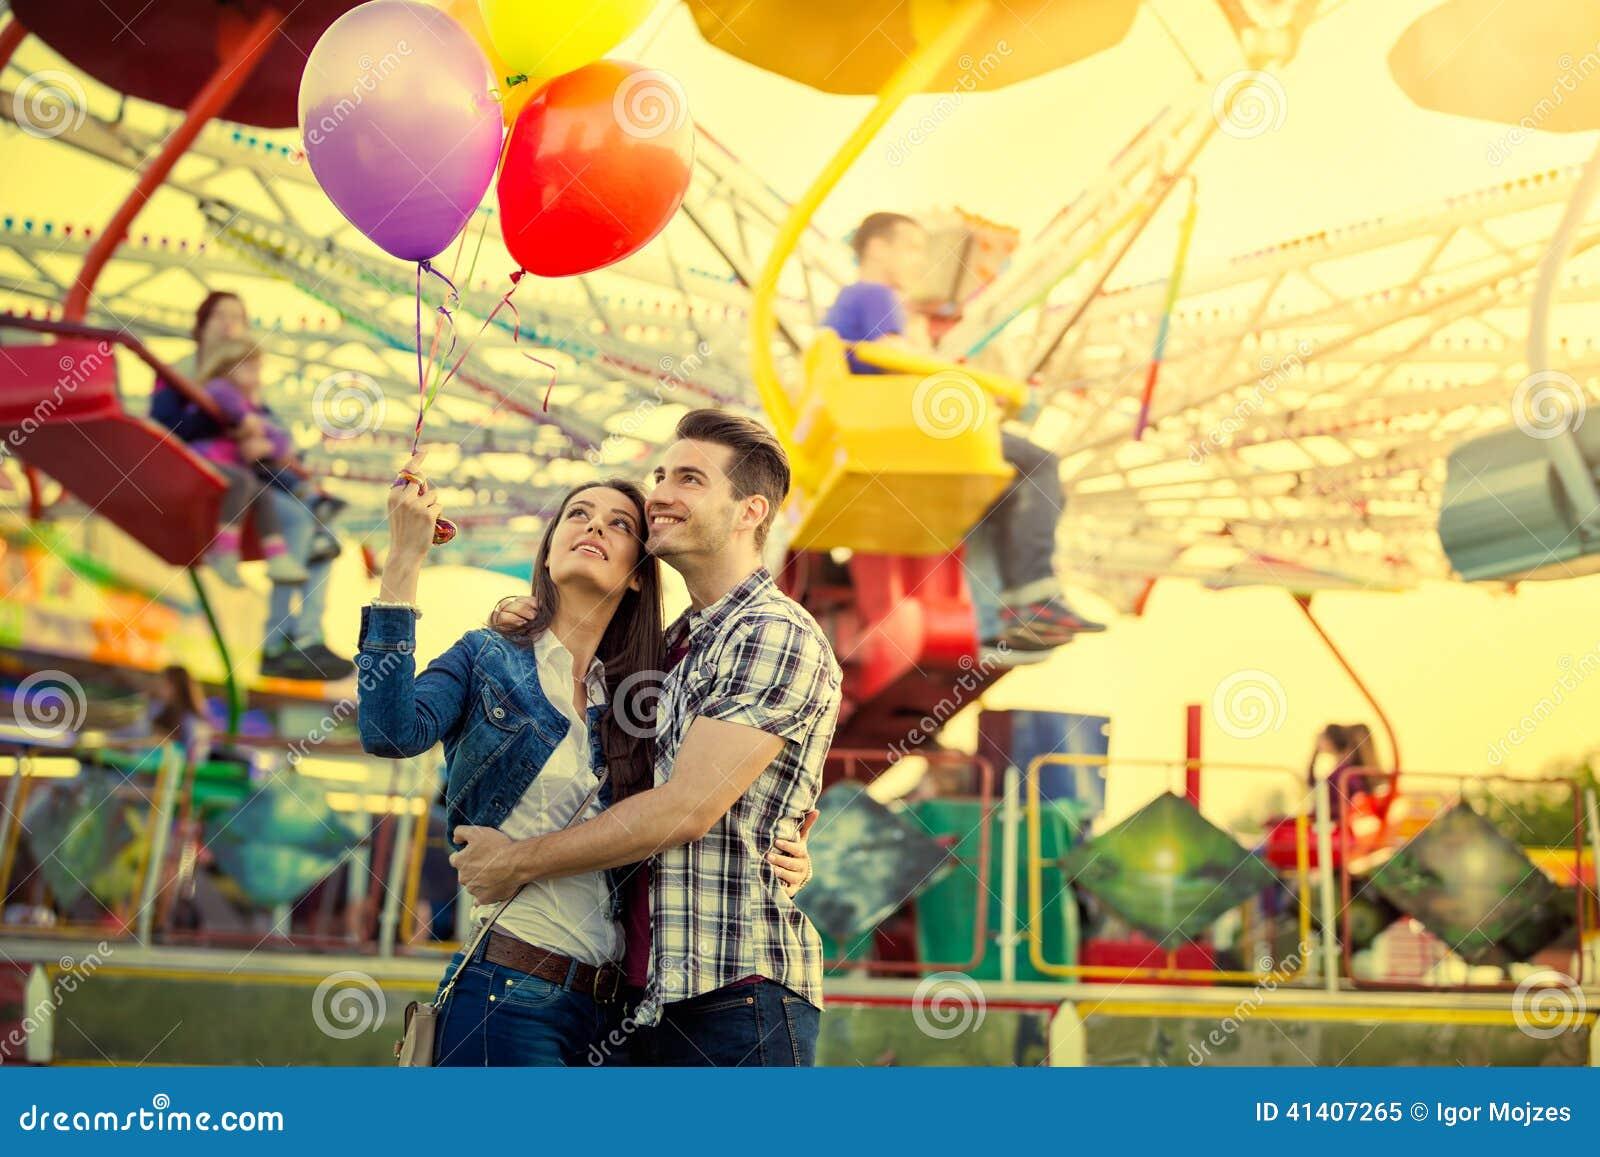 Giovani coppie che abbracciano nel parco di divertimenti